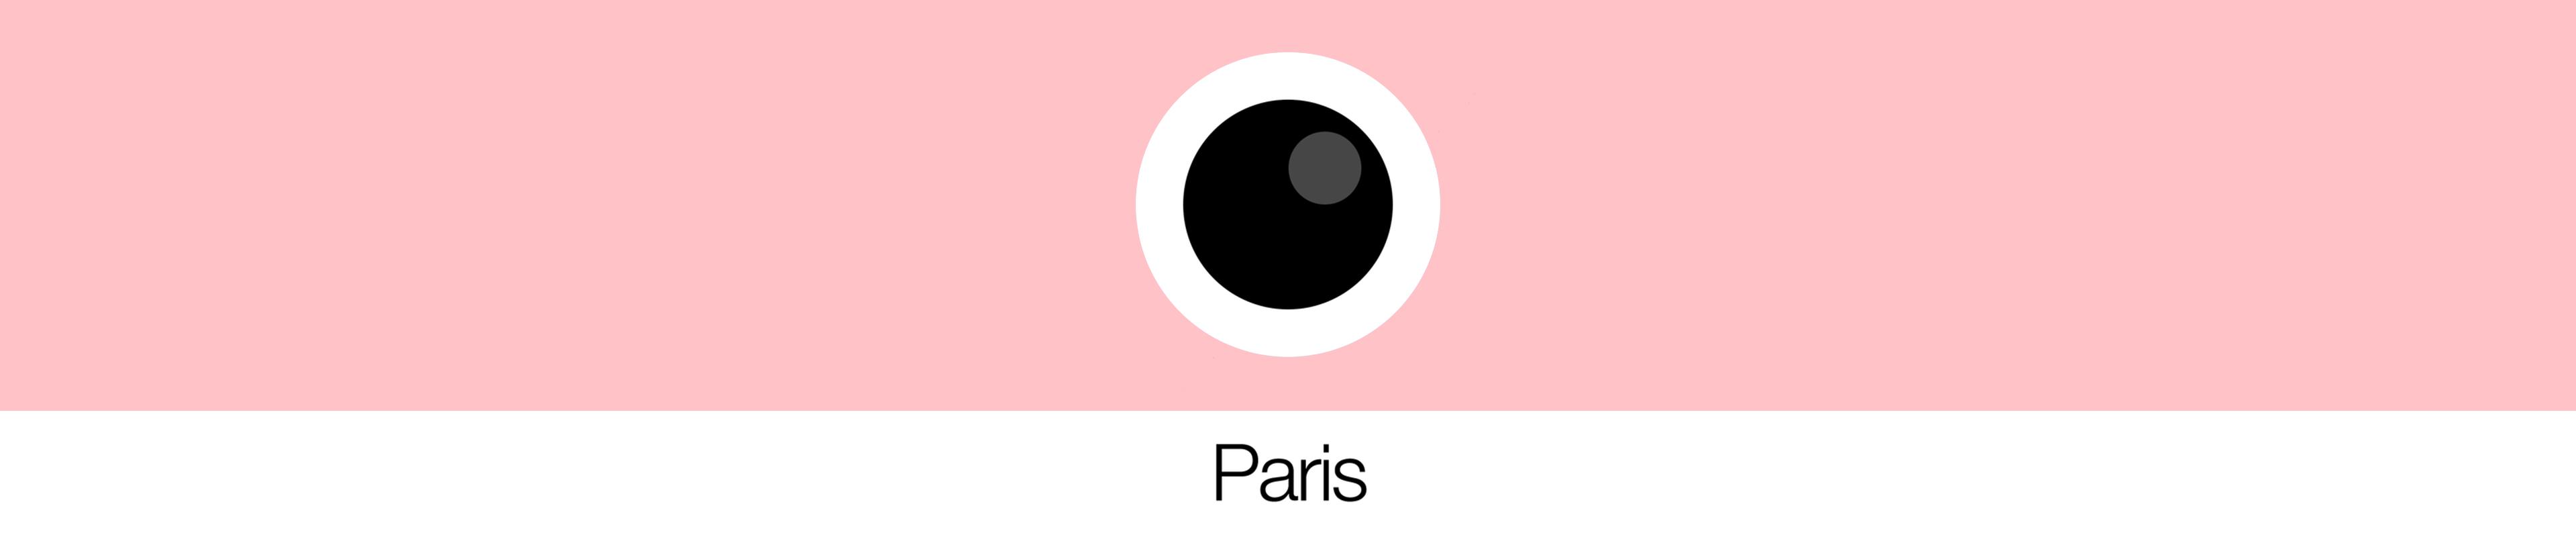 [已购]Analog Paris (模拟巴黎)-草蜢资源